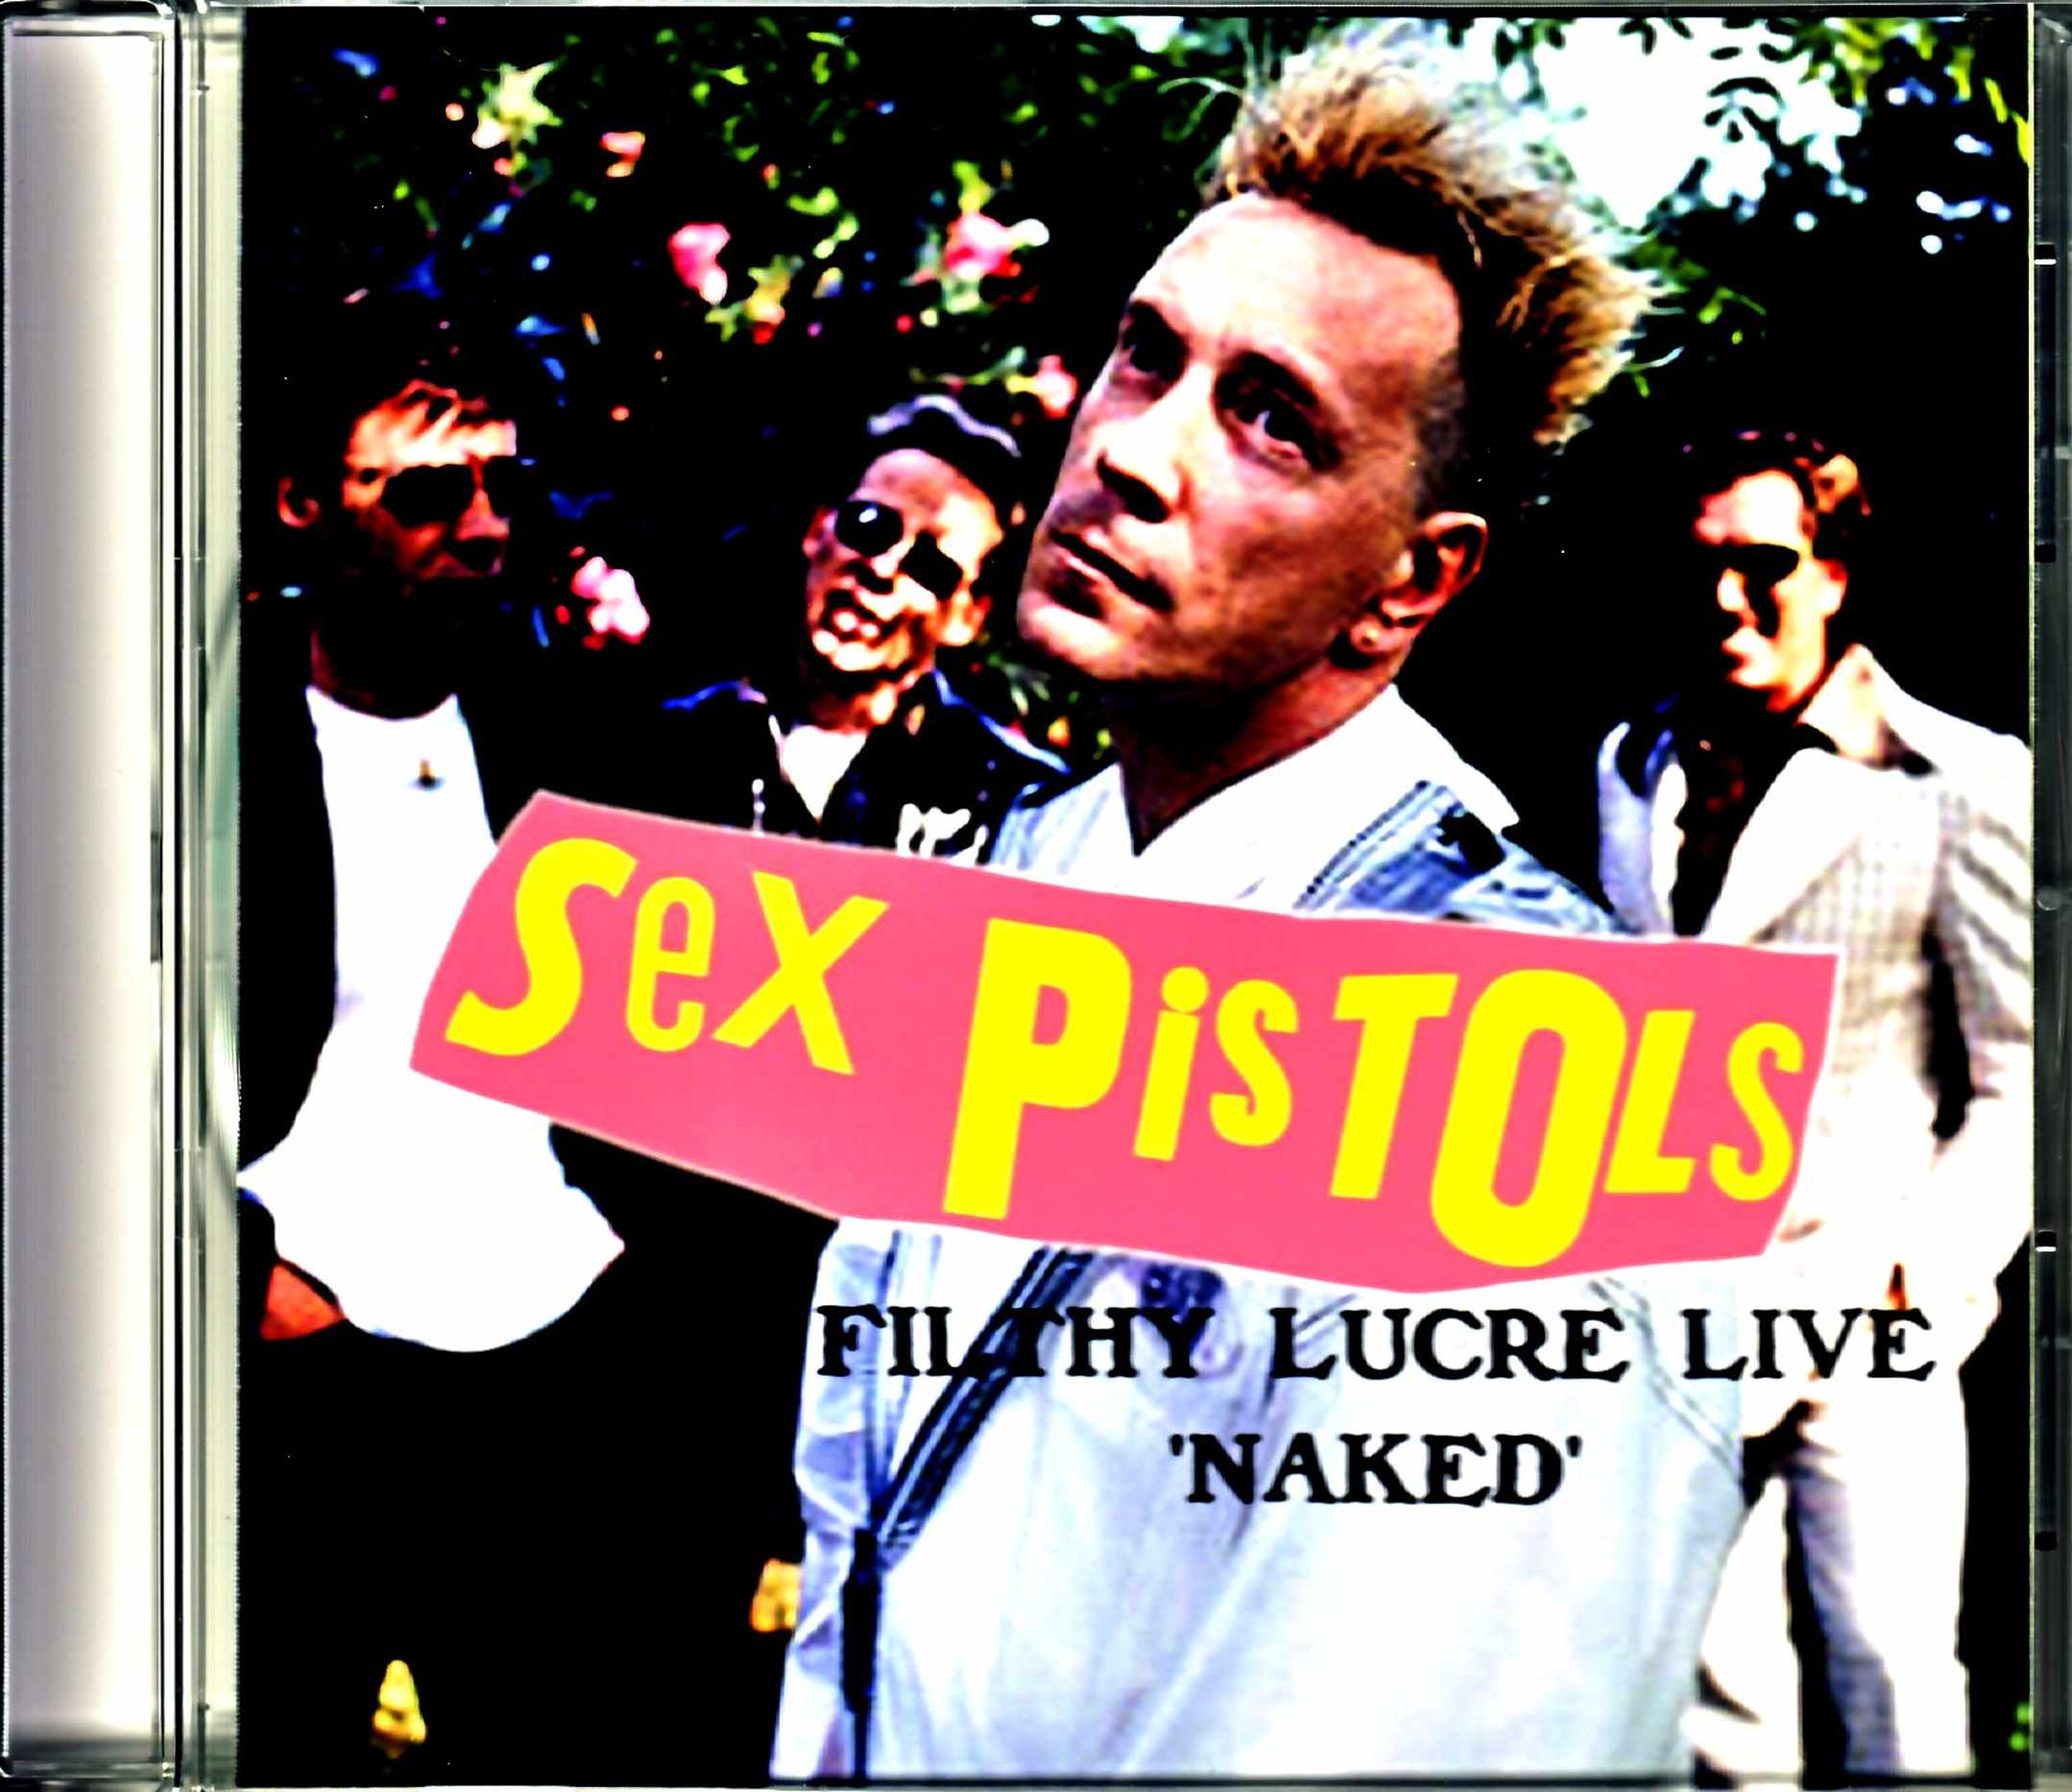 Sex Pistols セックス・ピストルズ/London,UK 1996